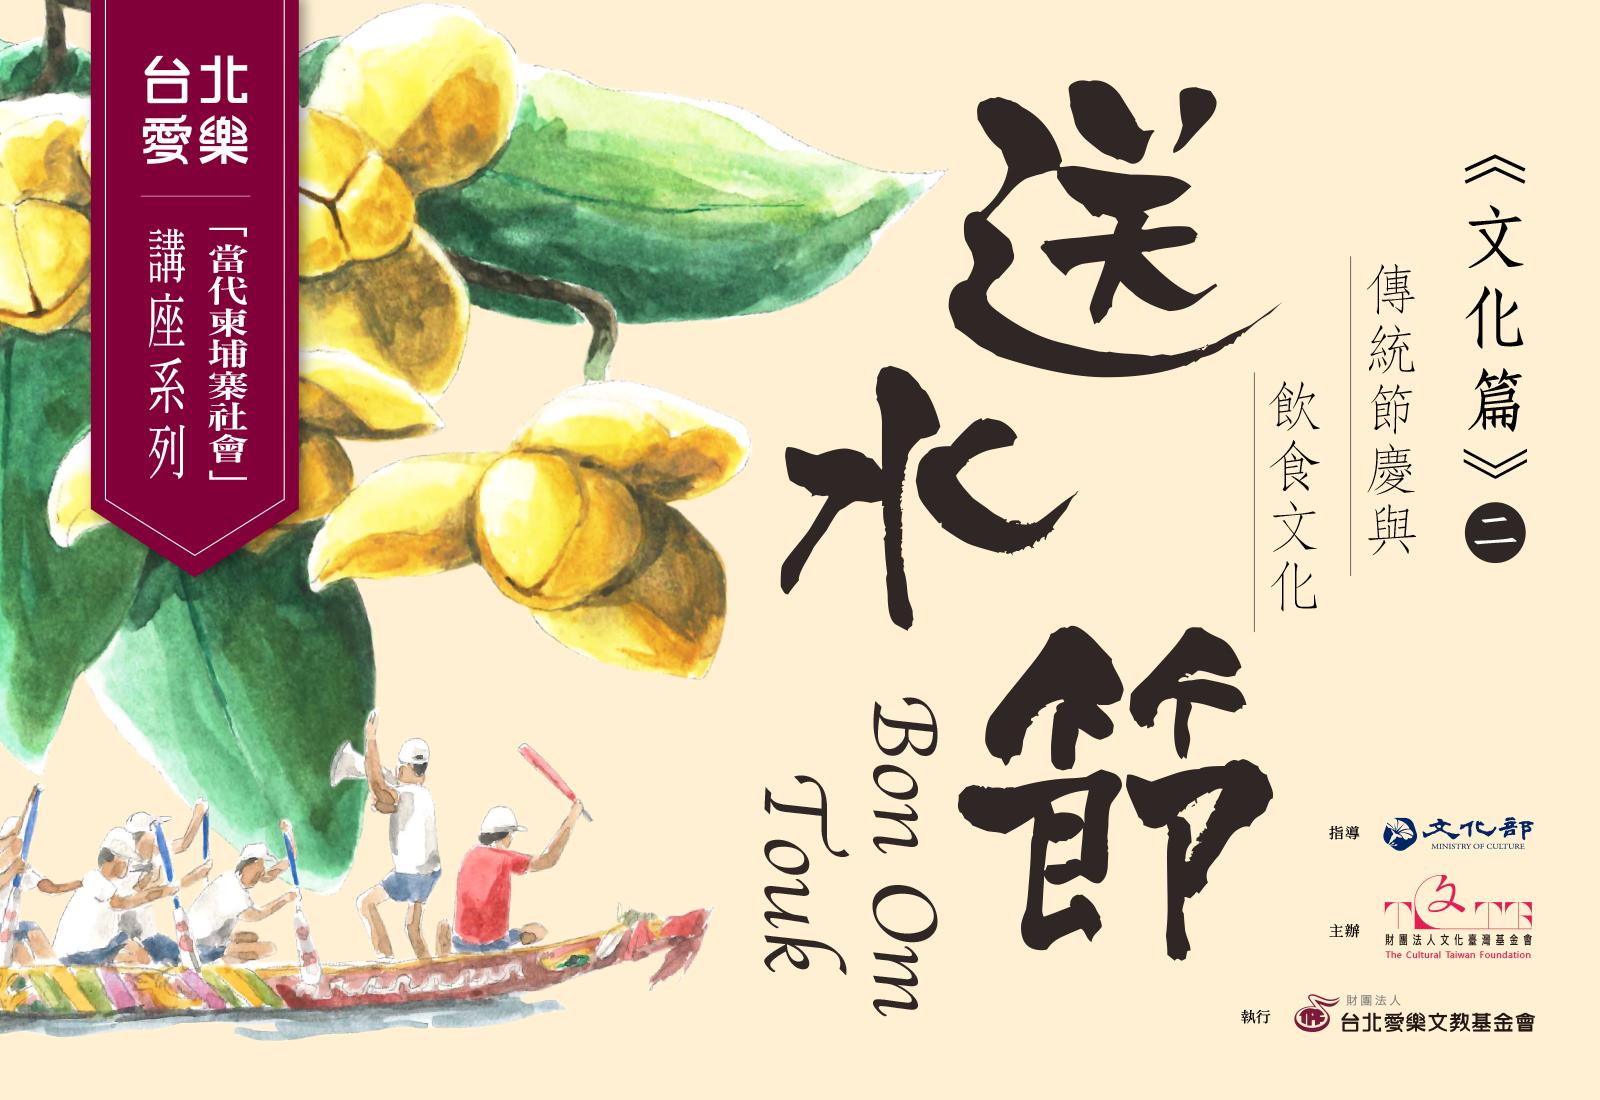 10/31 台北愛樂 「當代柬埔寨社會」講座(二) 傳統節慶與飲食文化-送水節(Bon Om Touk)開放報名